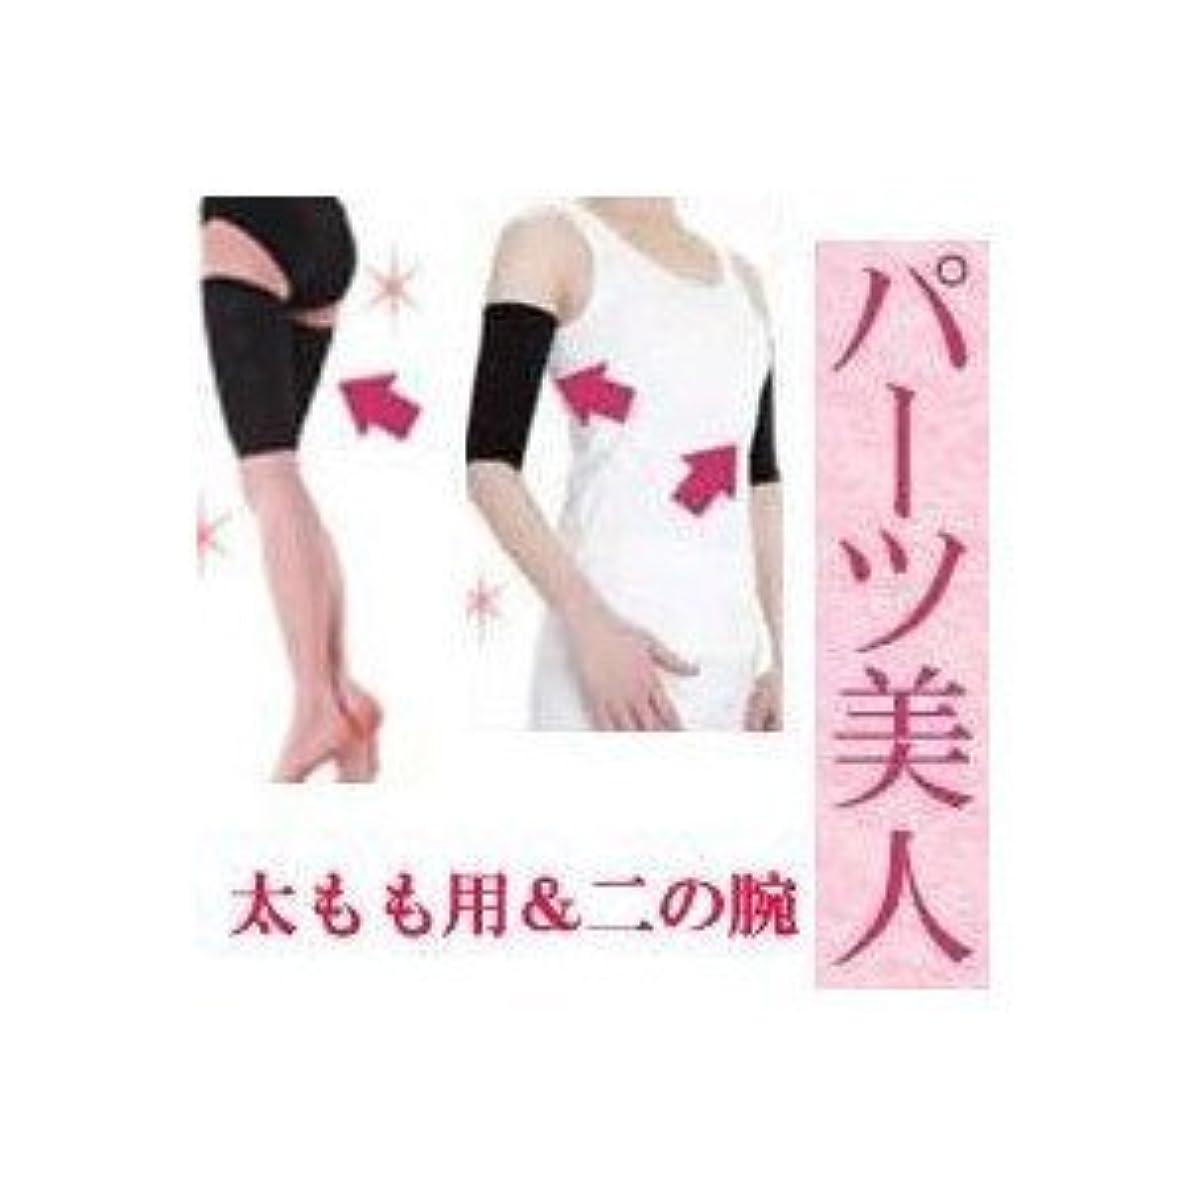 シャッターキャンベラ慣れる太もも 着圧 インナー プラチナ パーツ美人 太もも用&二の腕セット